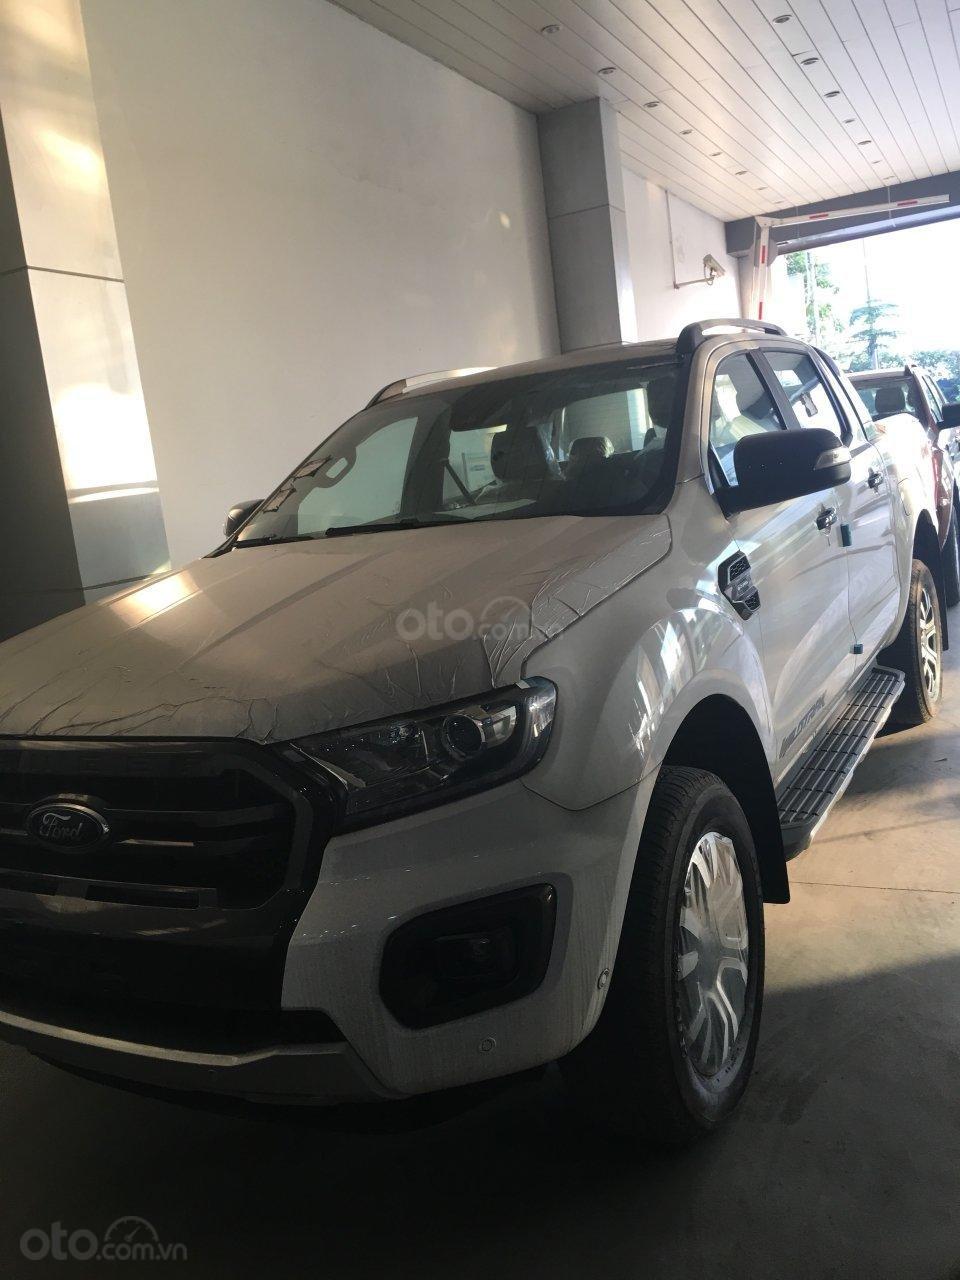 Ford Ranger WT Biturbo 2019 đủ màu giao luôn, khuyến mại lên đến 70 triệu liên hệ em Thanh: 0988011590 (2)